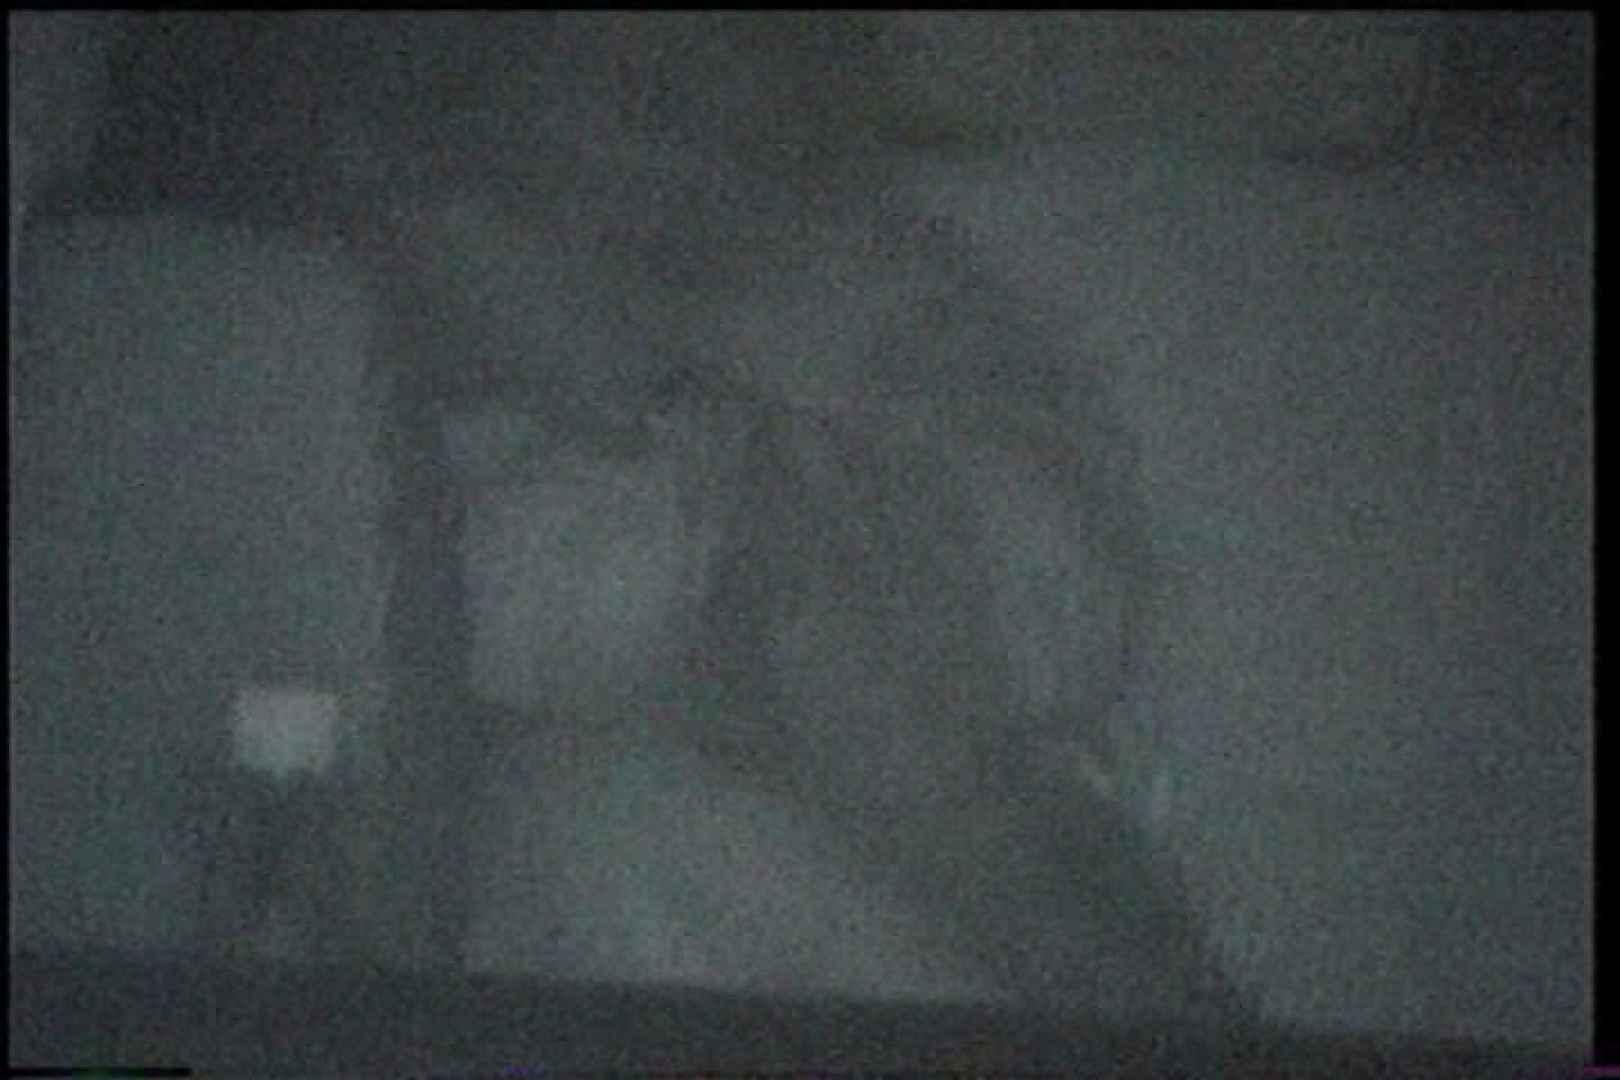 充血監督の深夜の運動会Vol.194 エッチなセックス | 車の中のカップル  70画像 5